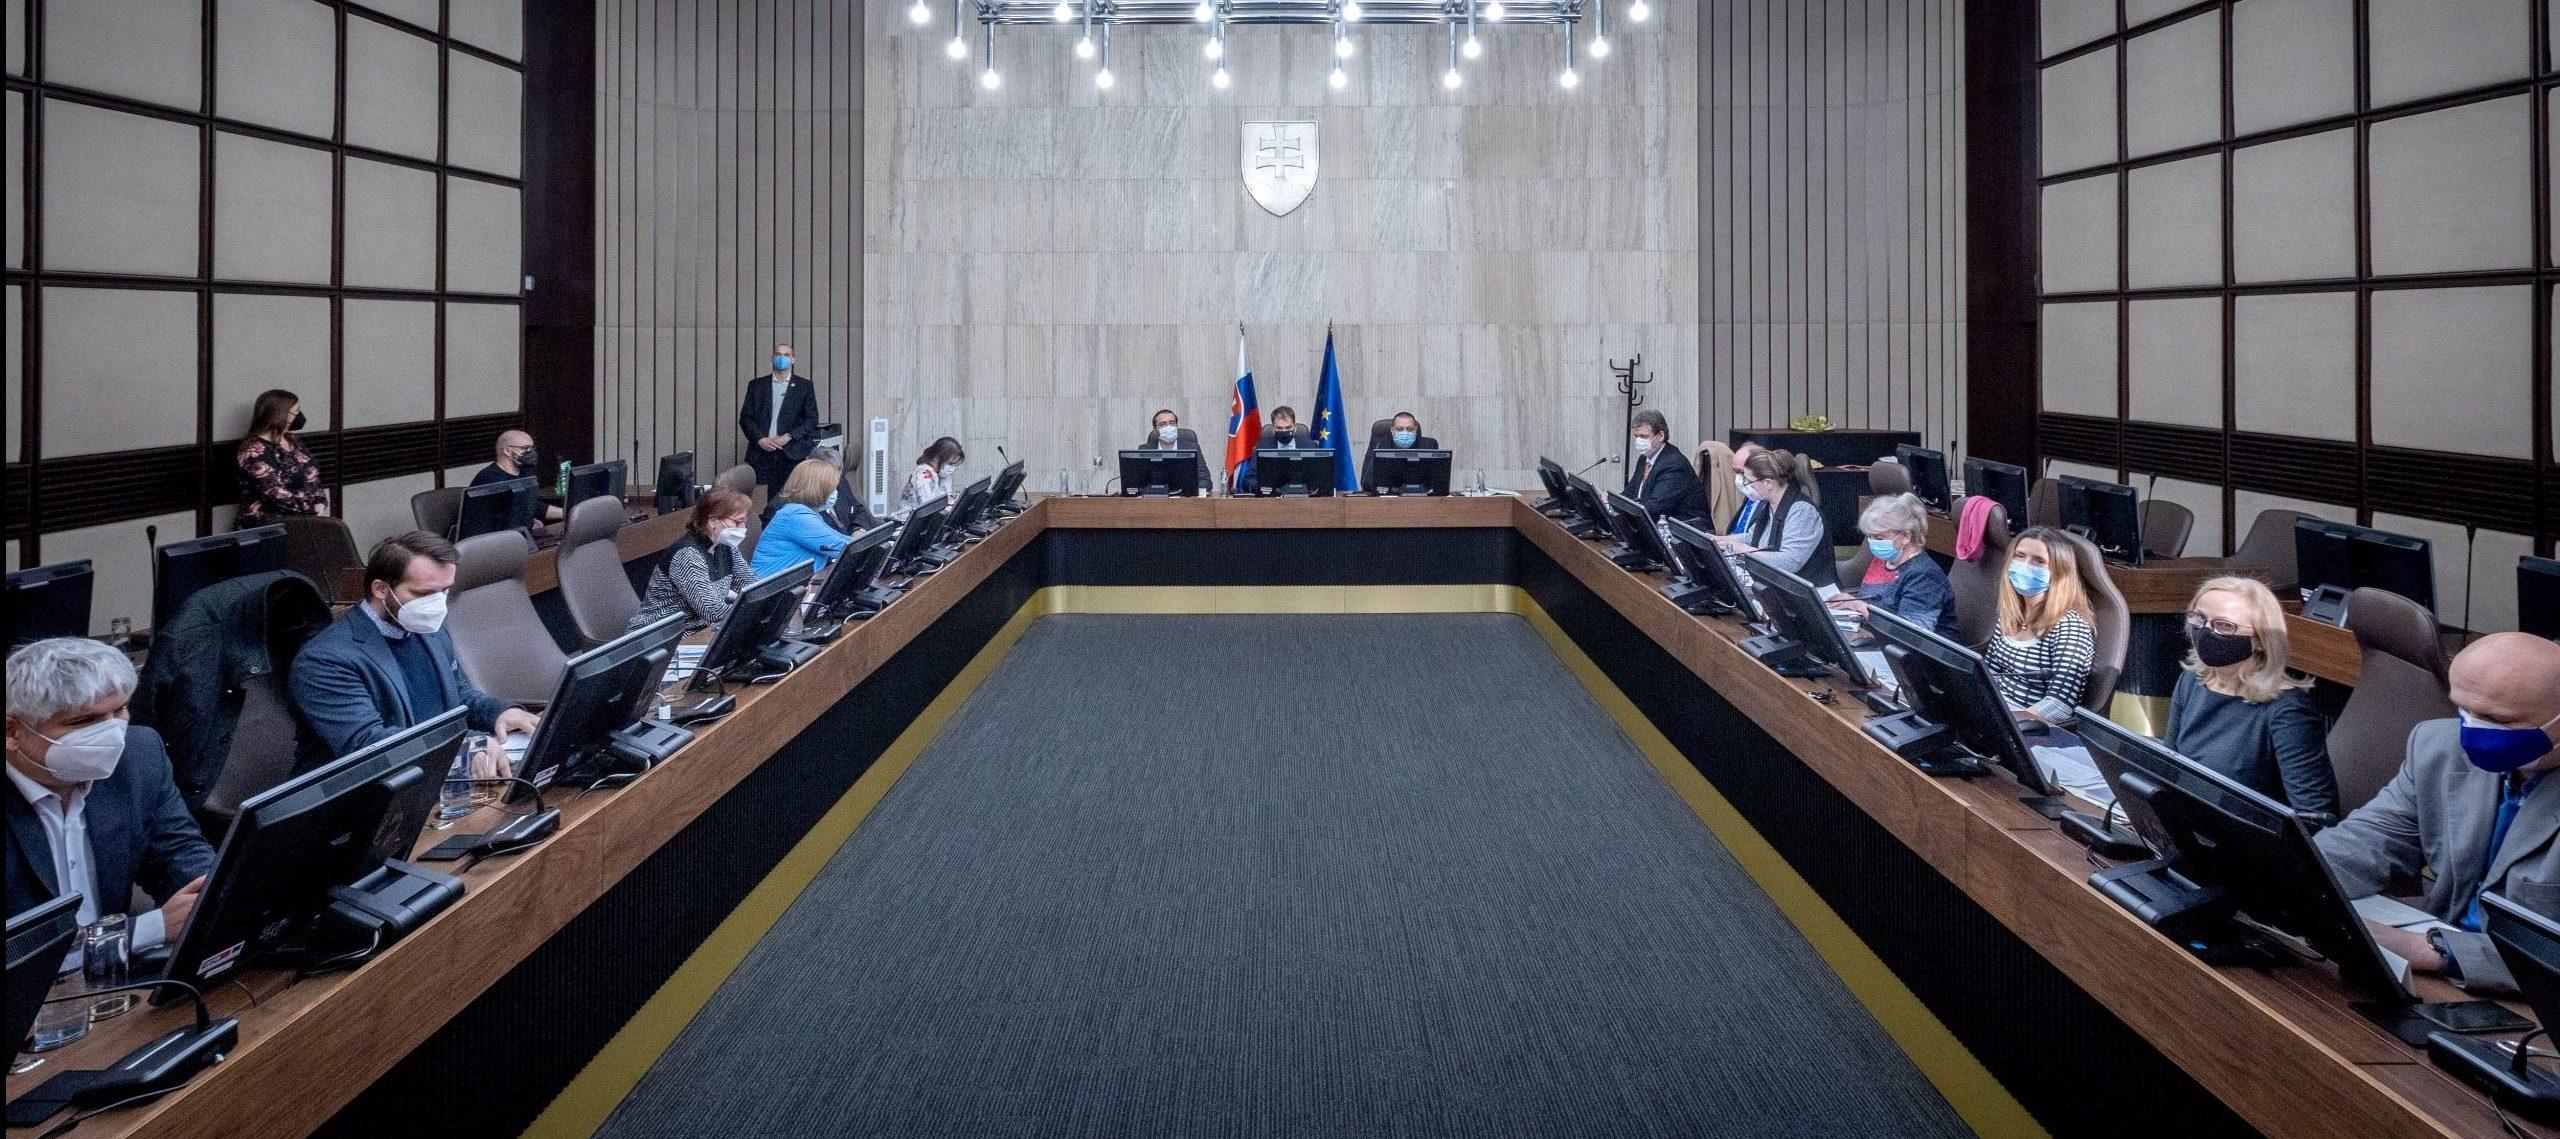 Okrúhly stôl vláda vedci Vladimír Krčméry Pavol Čekan Igor Matovič Marek Krajčí Ján Mikas